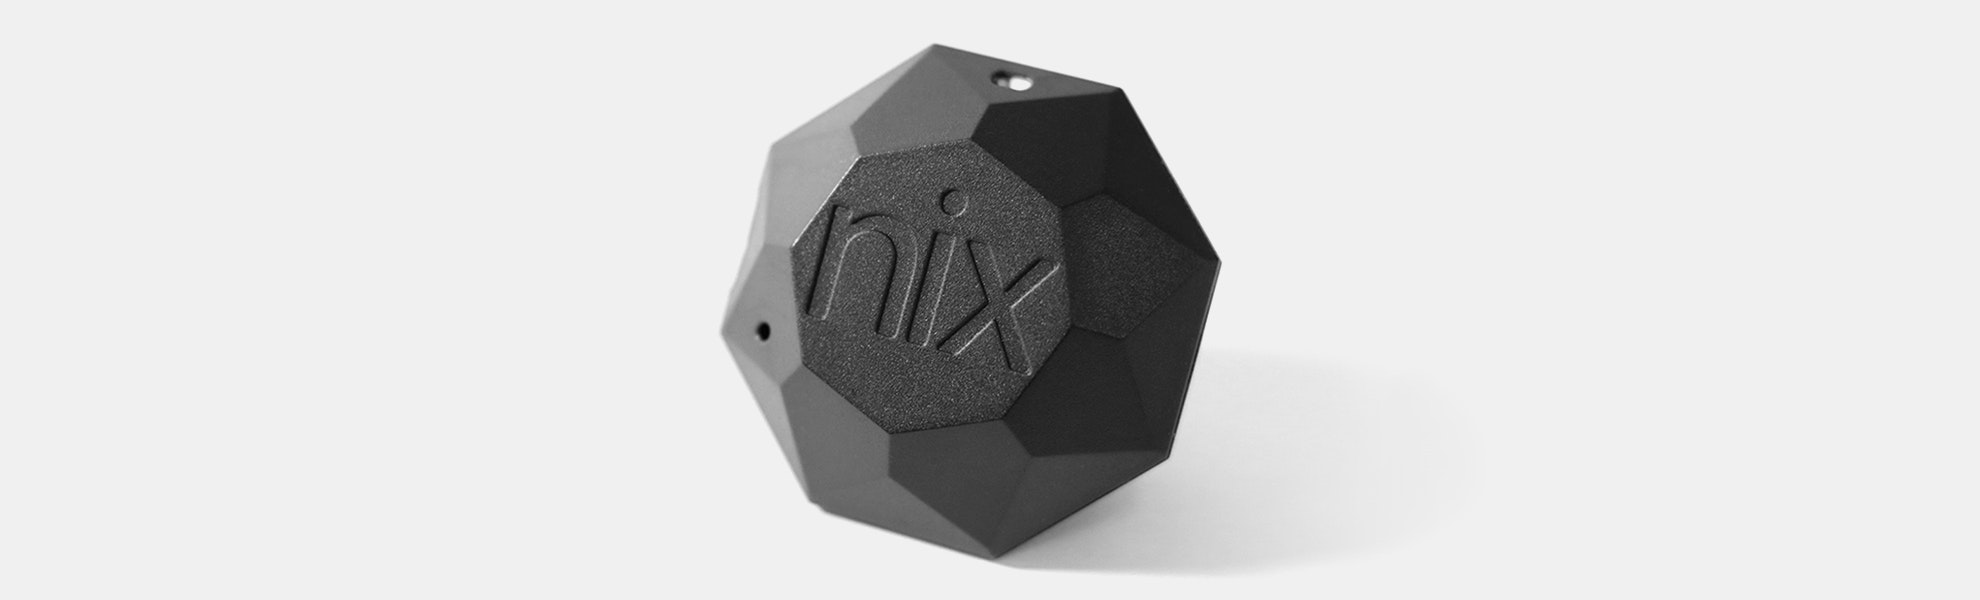 Nix Mini / Pro Color Sensor